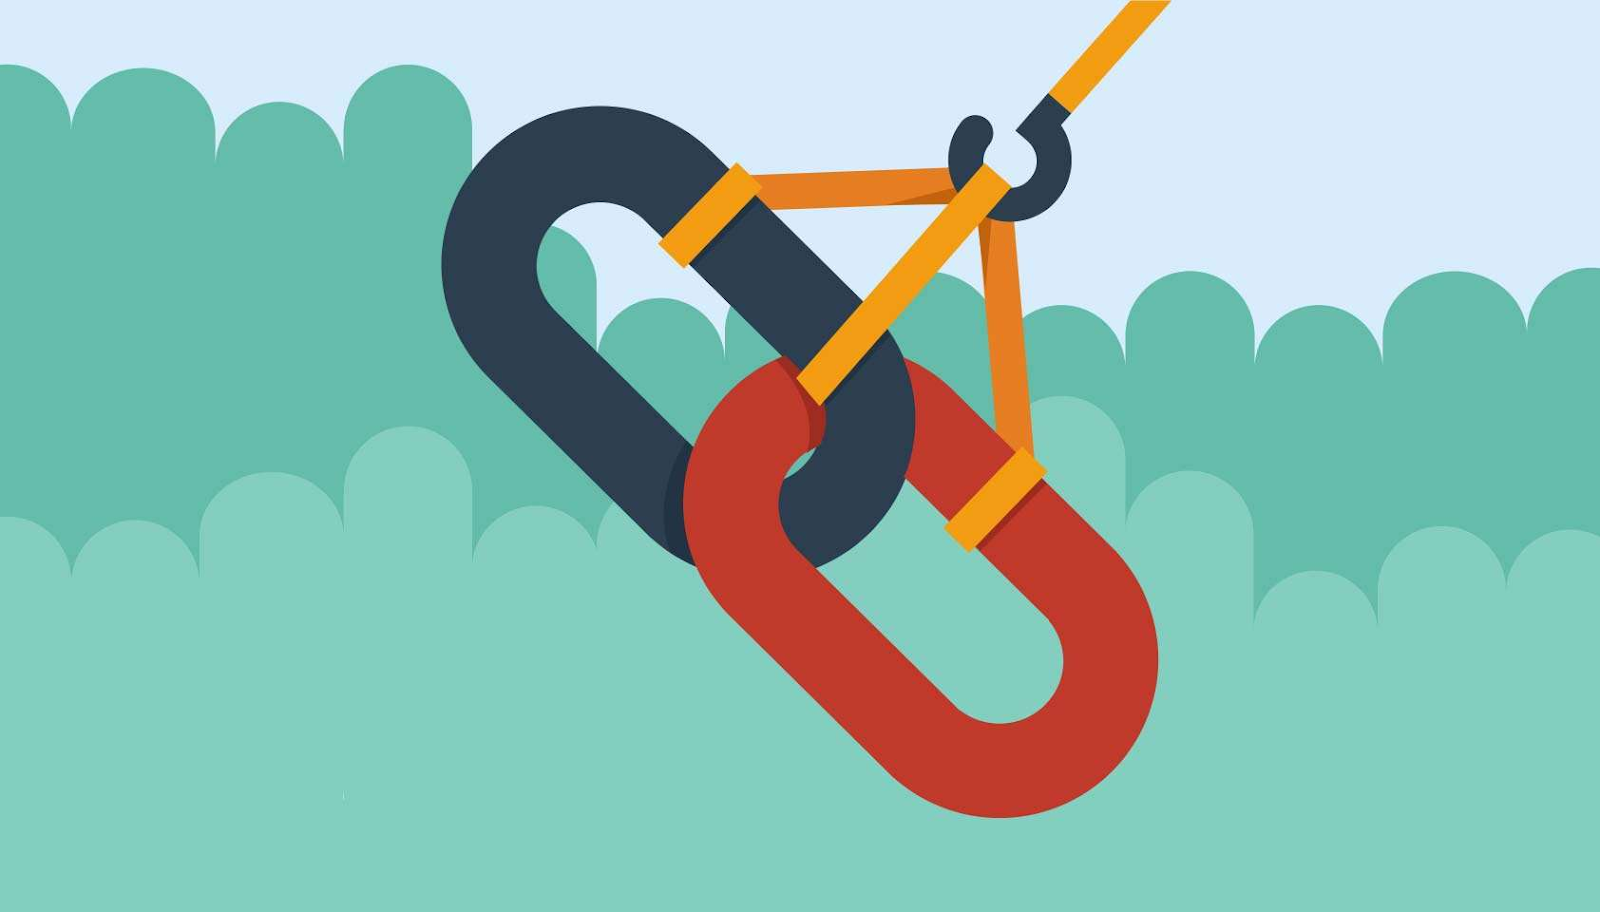 Backlink khi được tạo thành theo phương thức trao đổi lợi nhưng cũng rủi ro